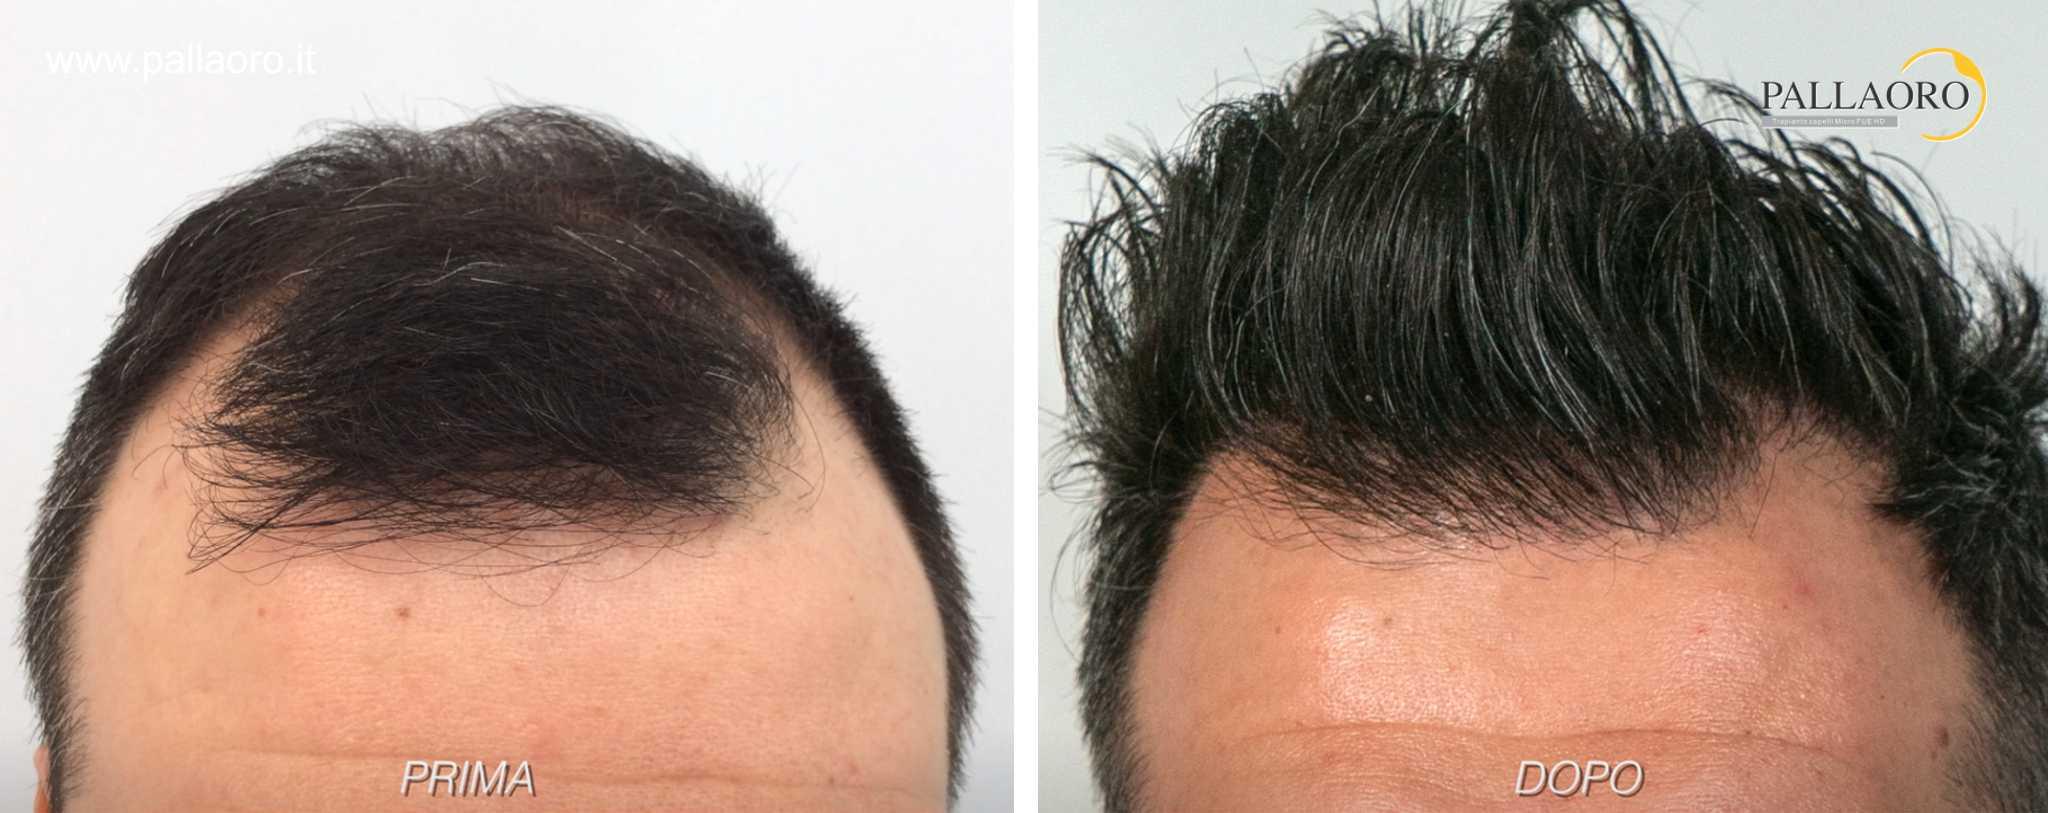 trapianto capelli 01202